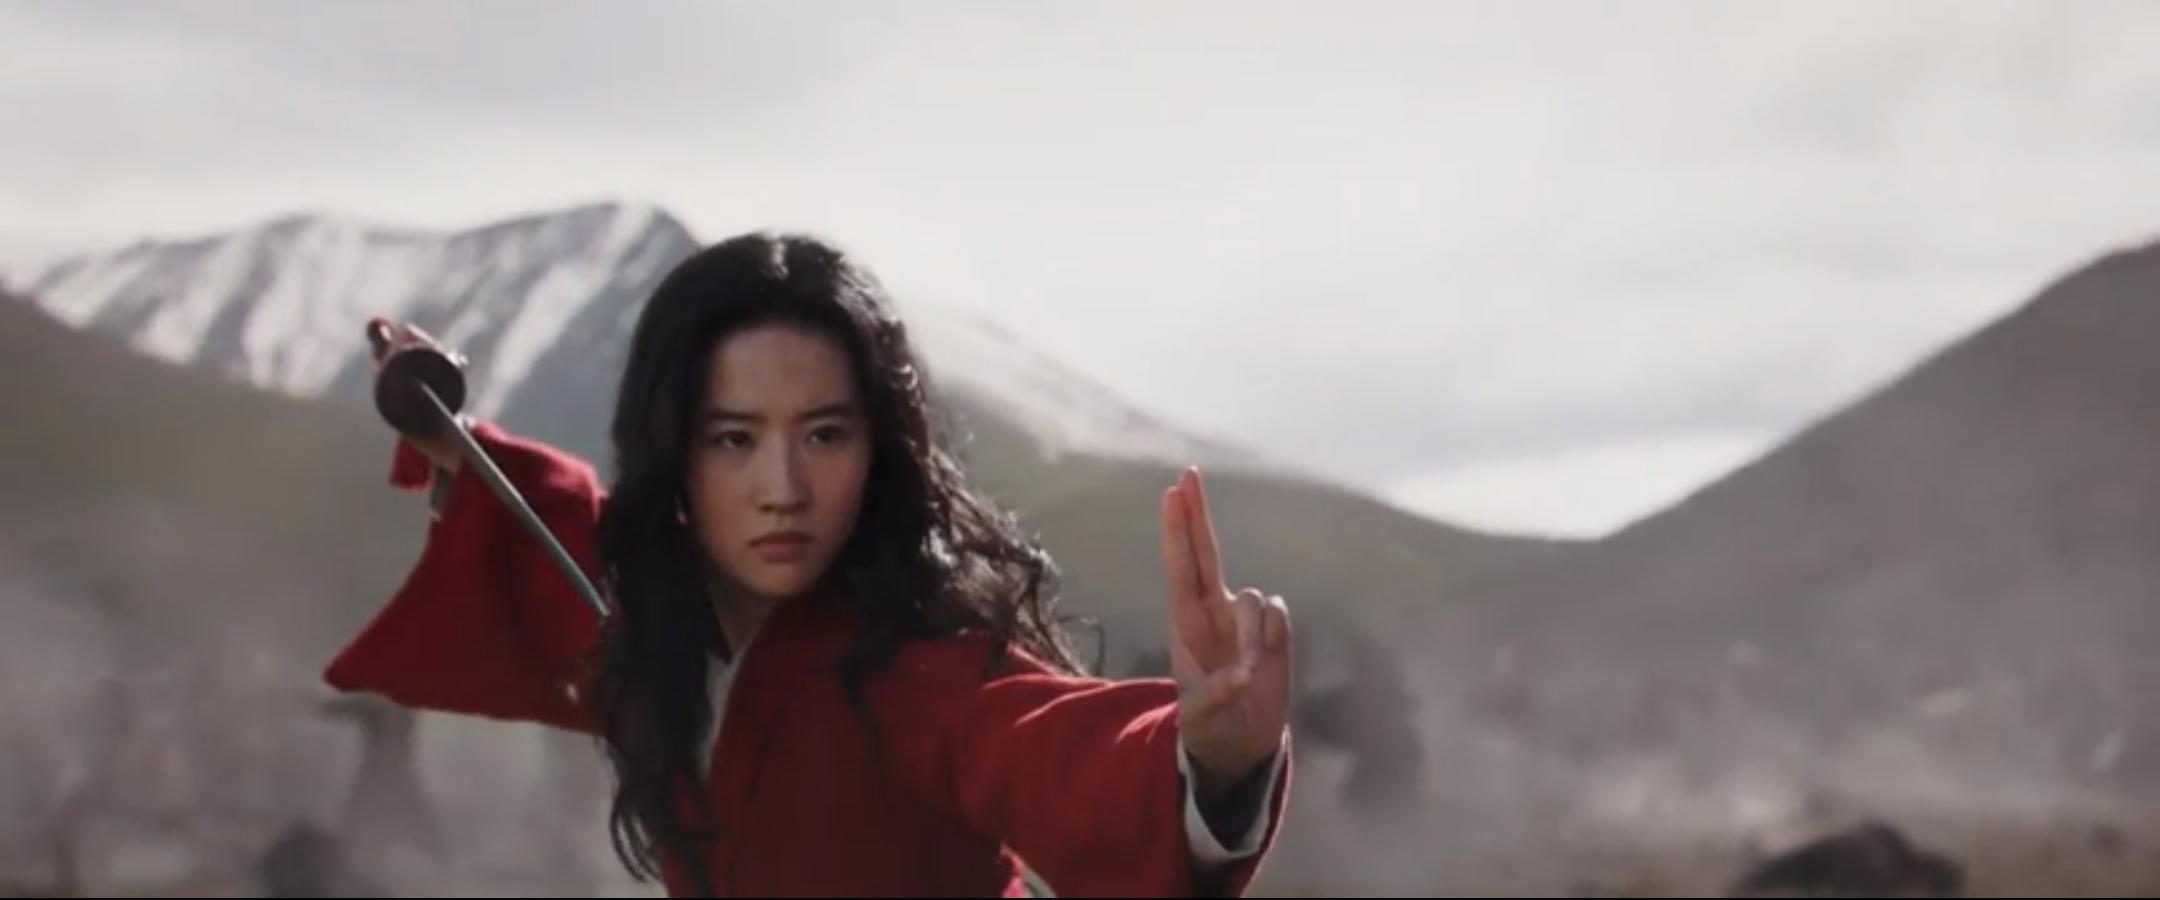 <b>《花木兰》新预告,李连杰、甄子丹亮相,巩俐造型最抢眼!</b>